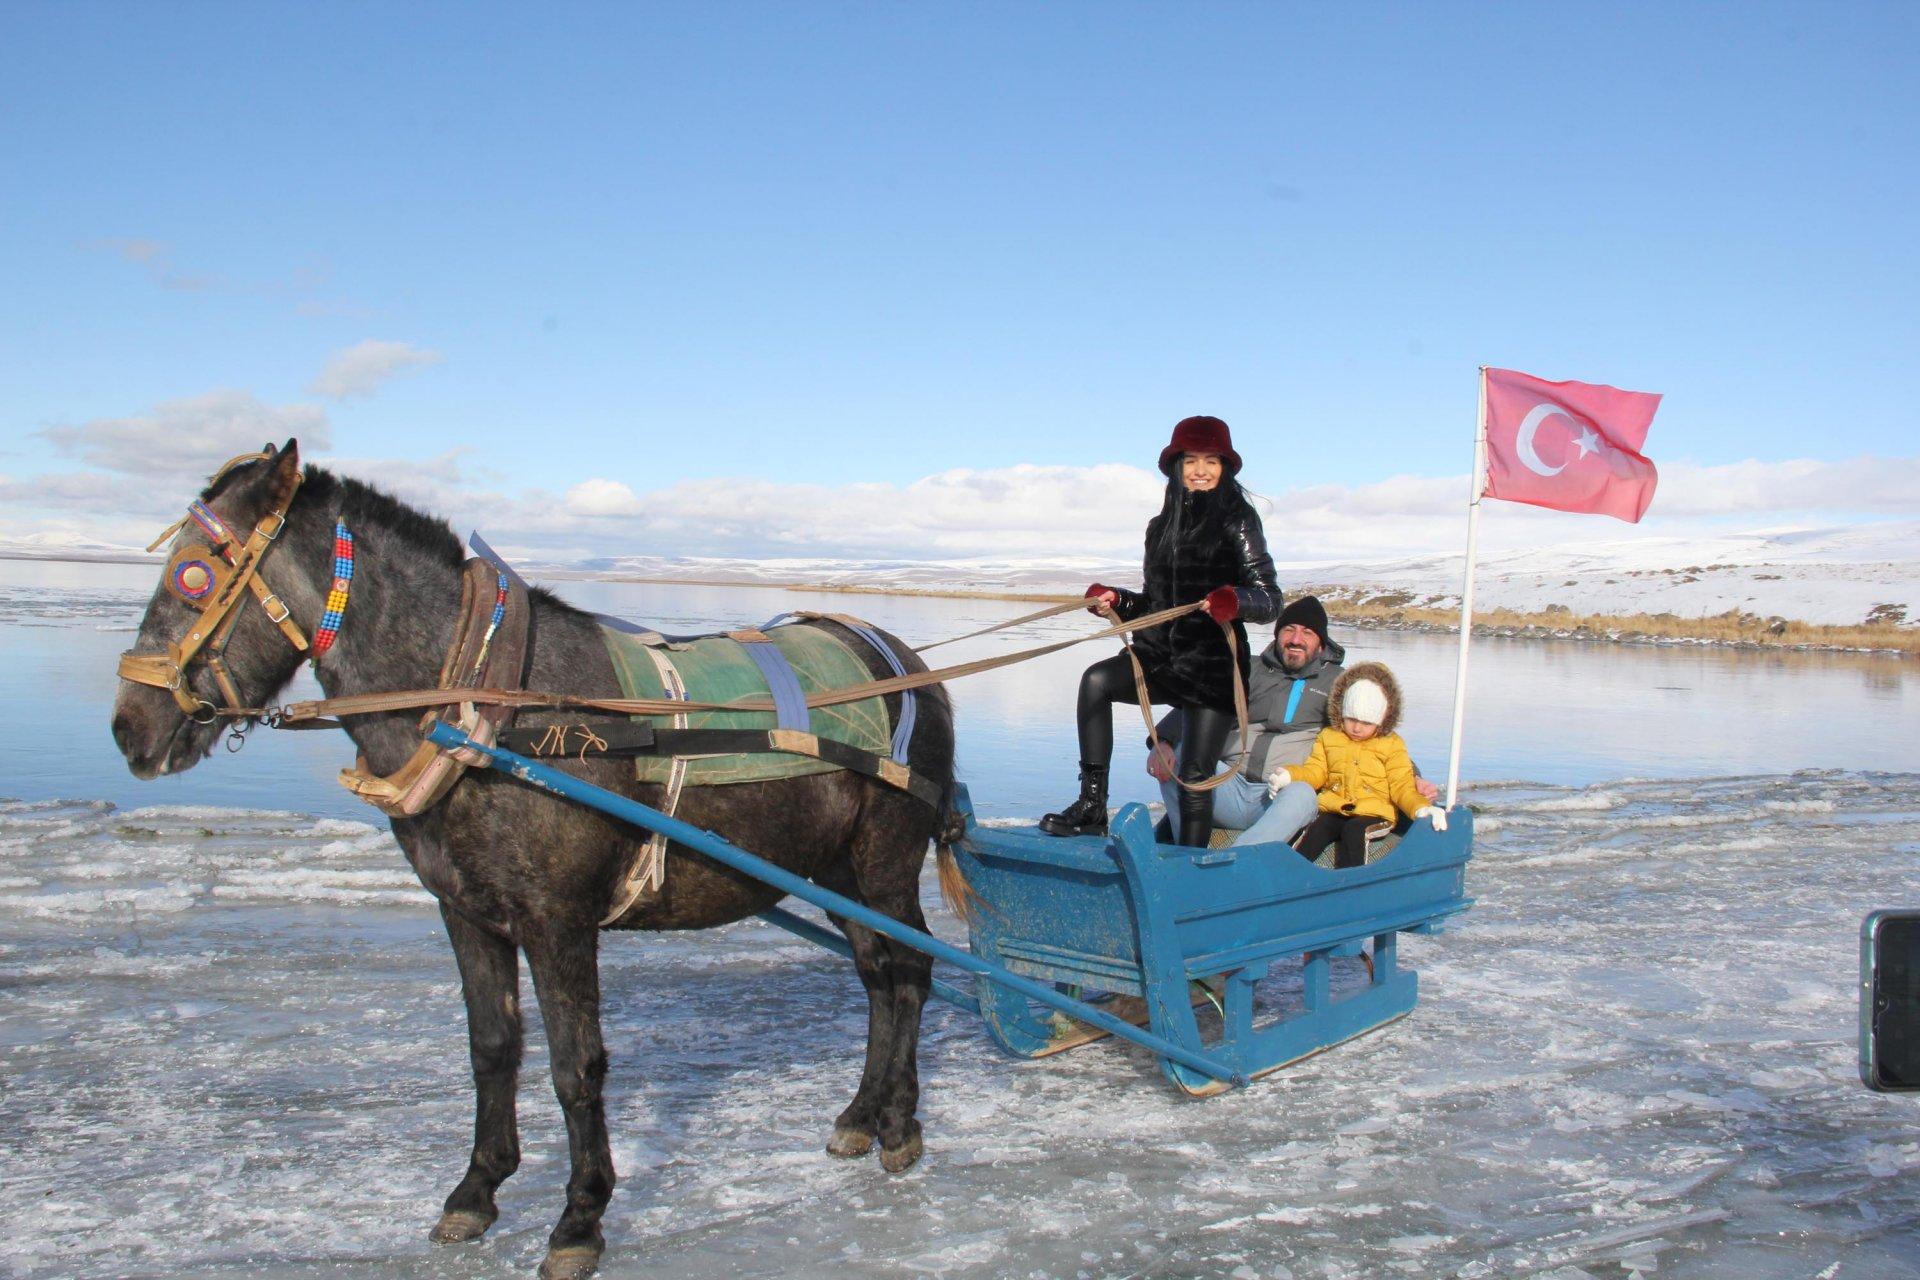 turkiyede-kis-turizmi-yapilan-yerler.jpg